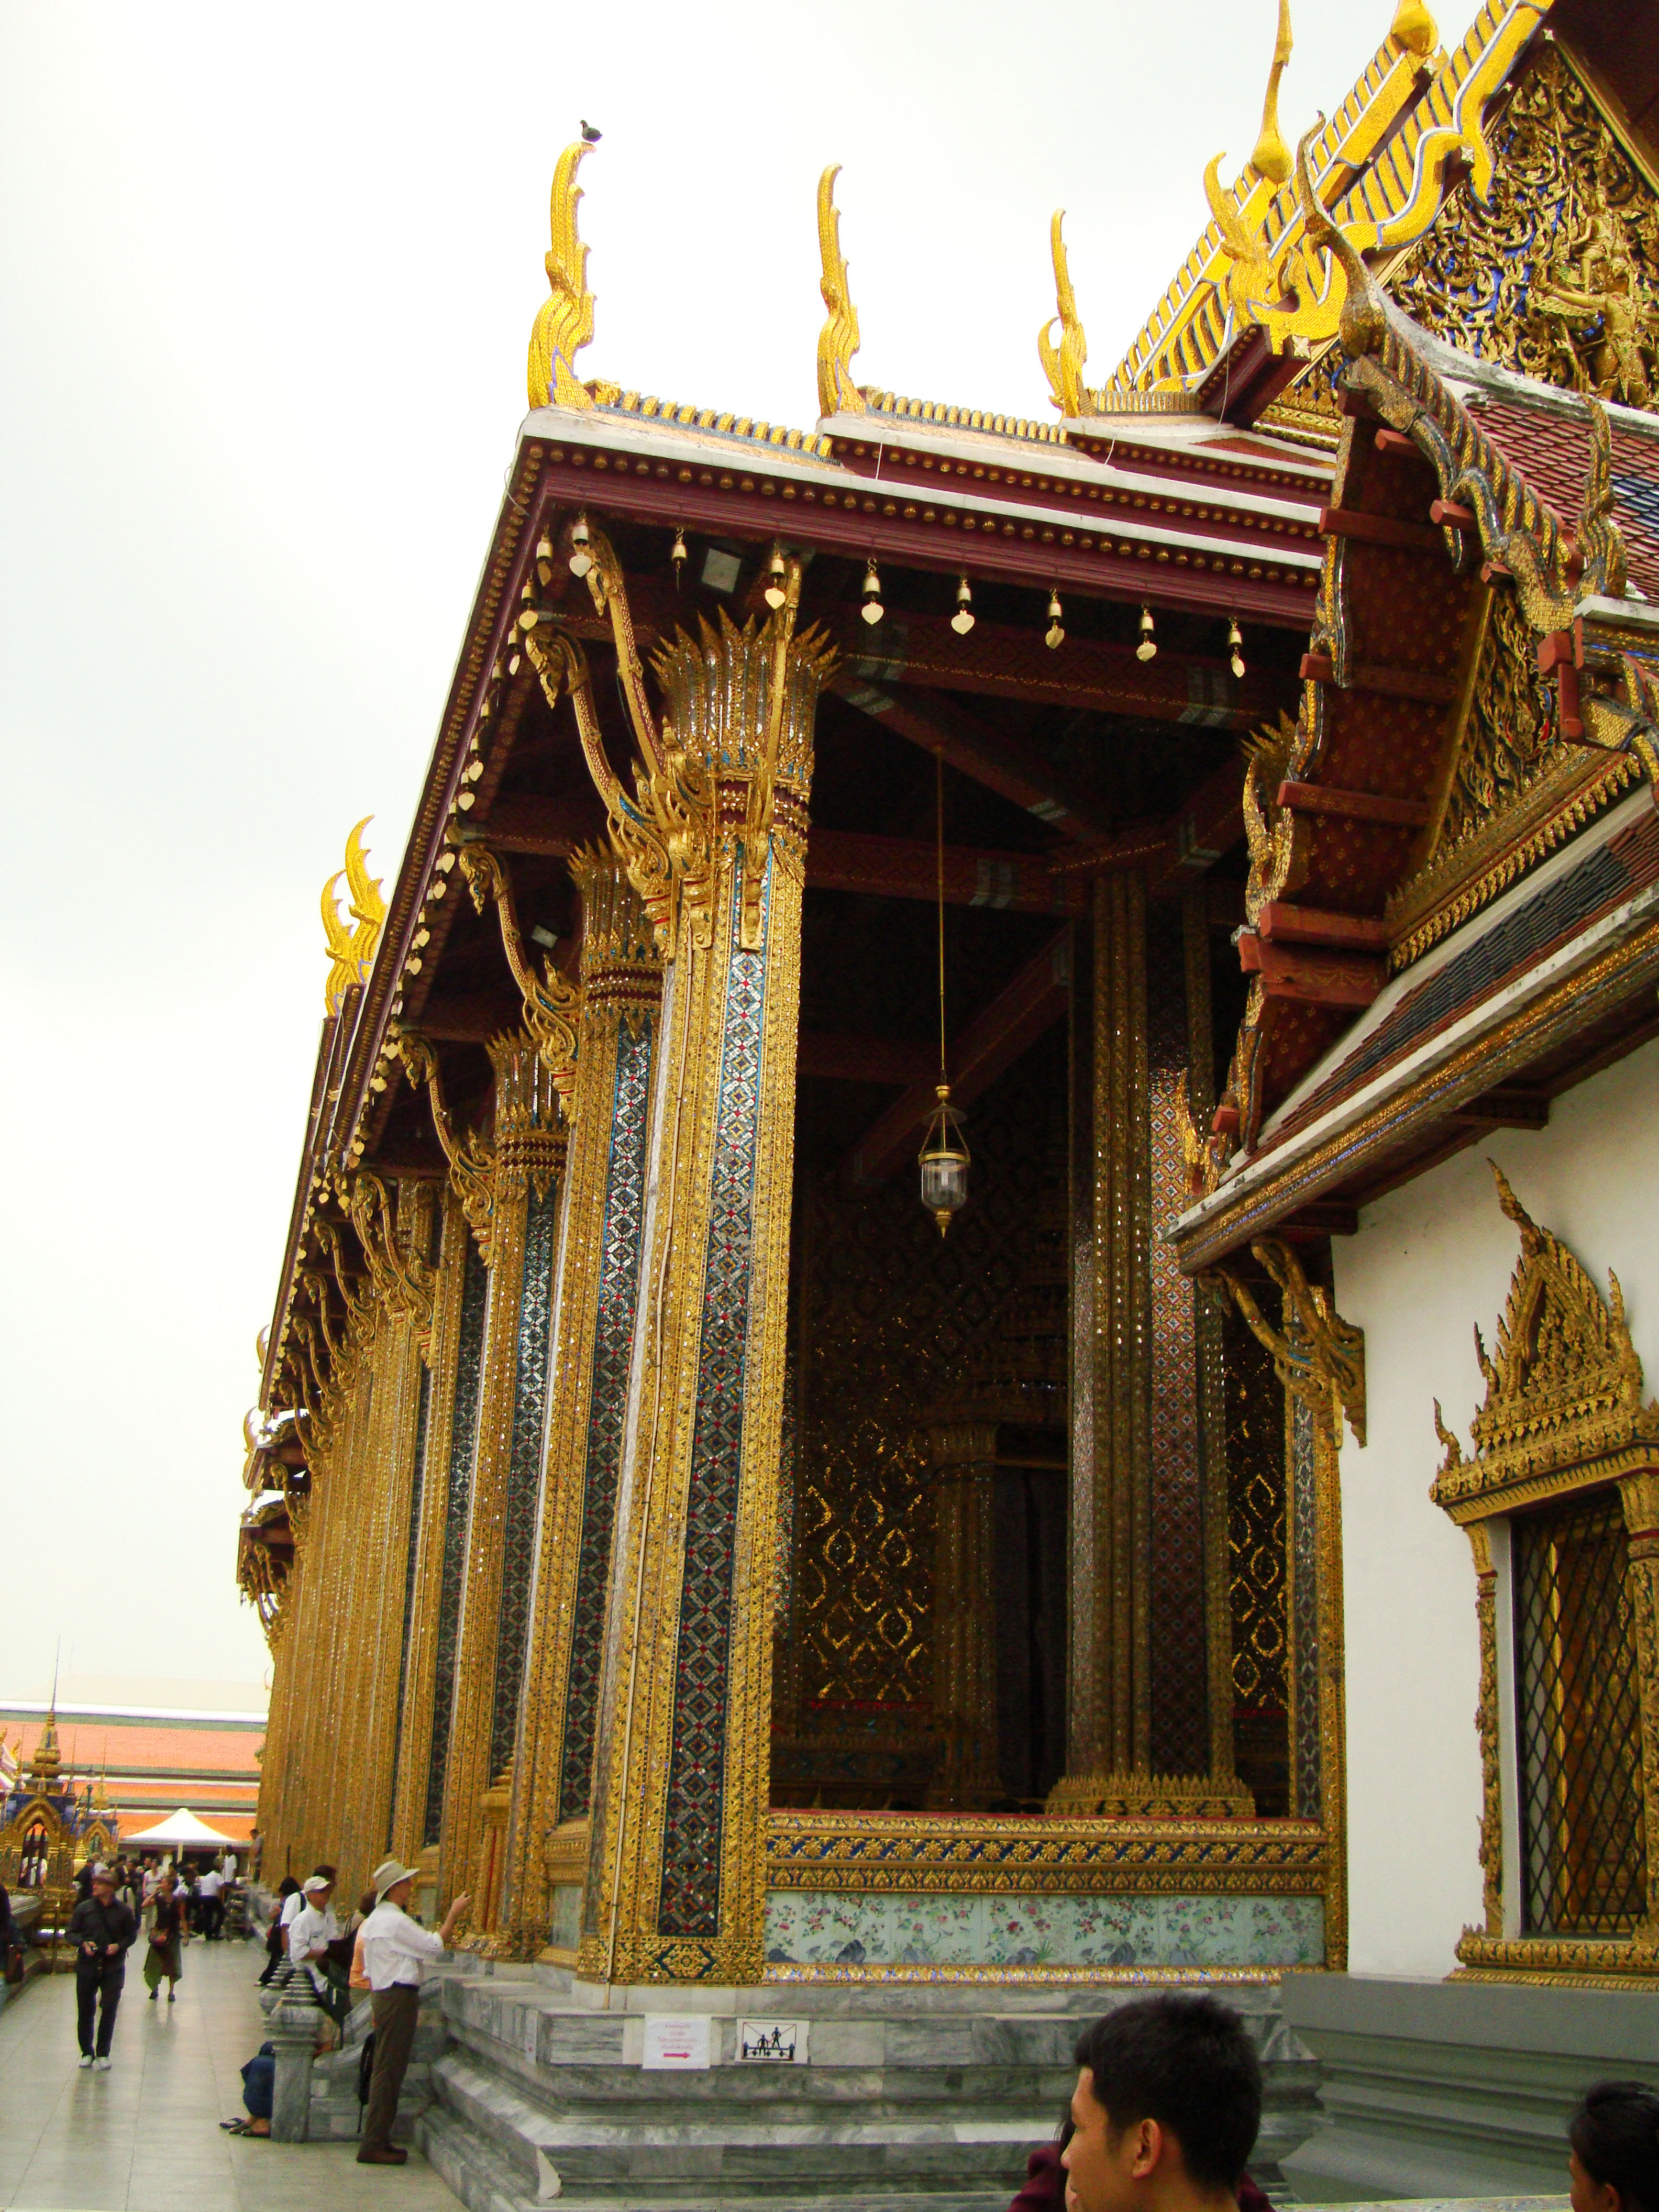 Grand Palace Phra Borom Maha Ratcha Wang Bangkok Thailand 24